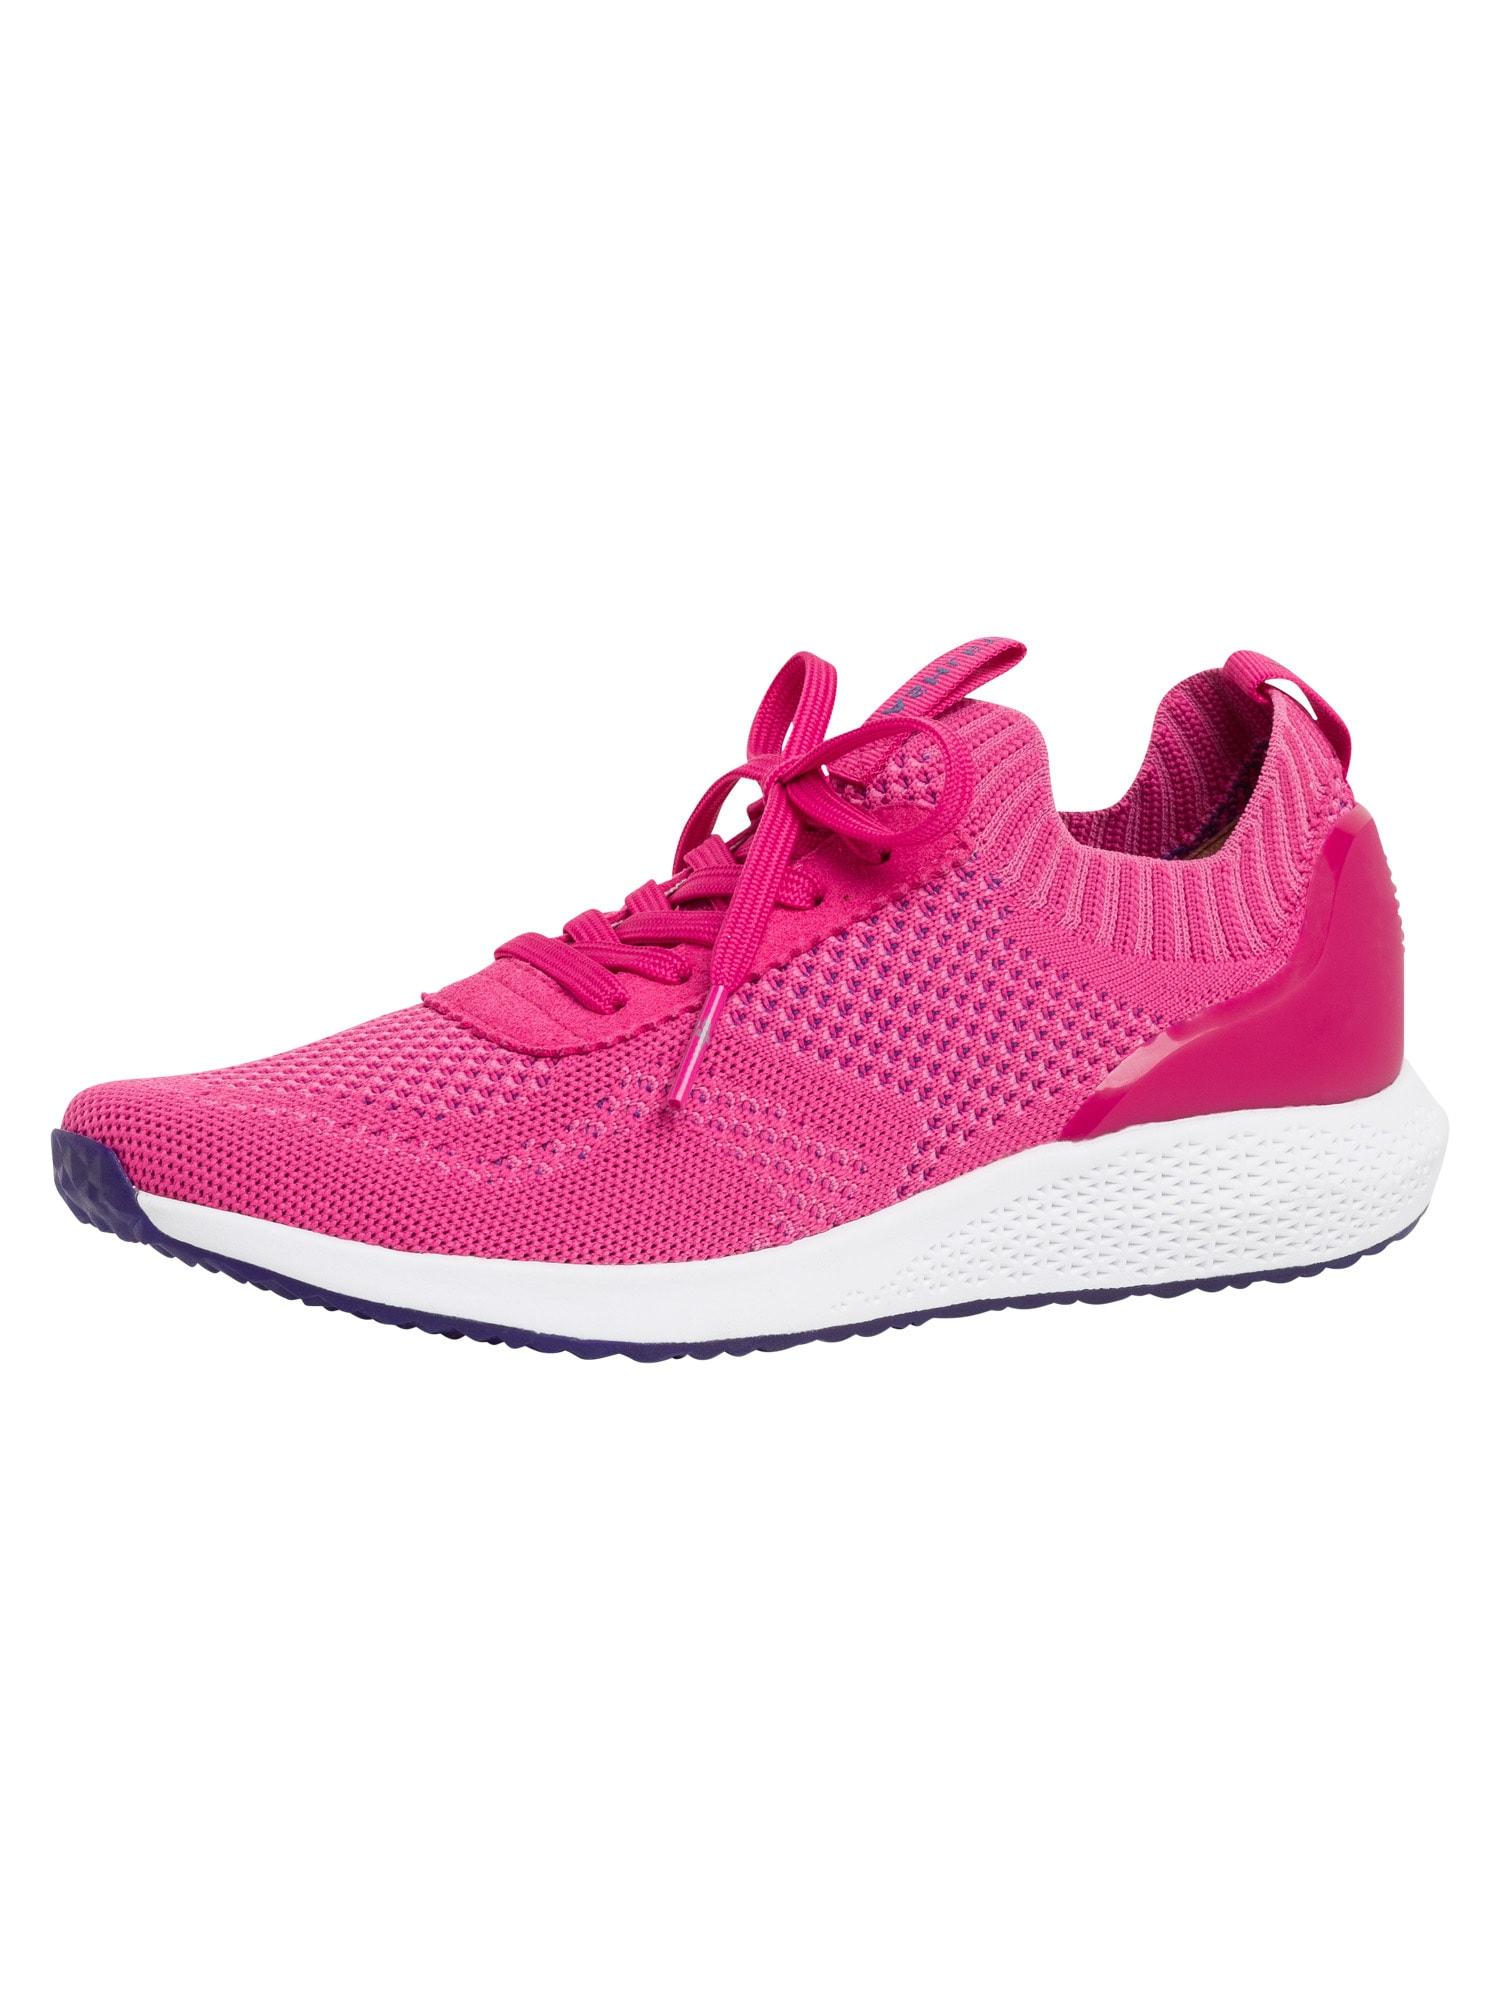 Tamaris Fashletics Sneaker tamsiai rožinė